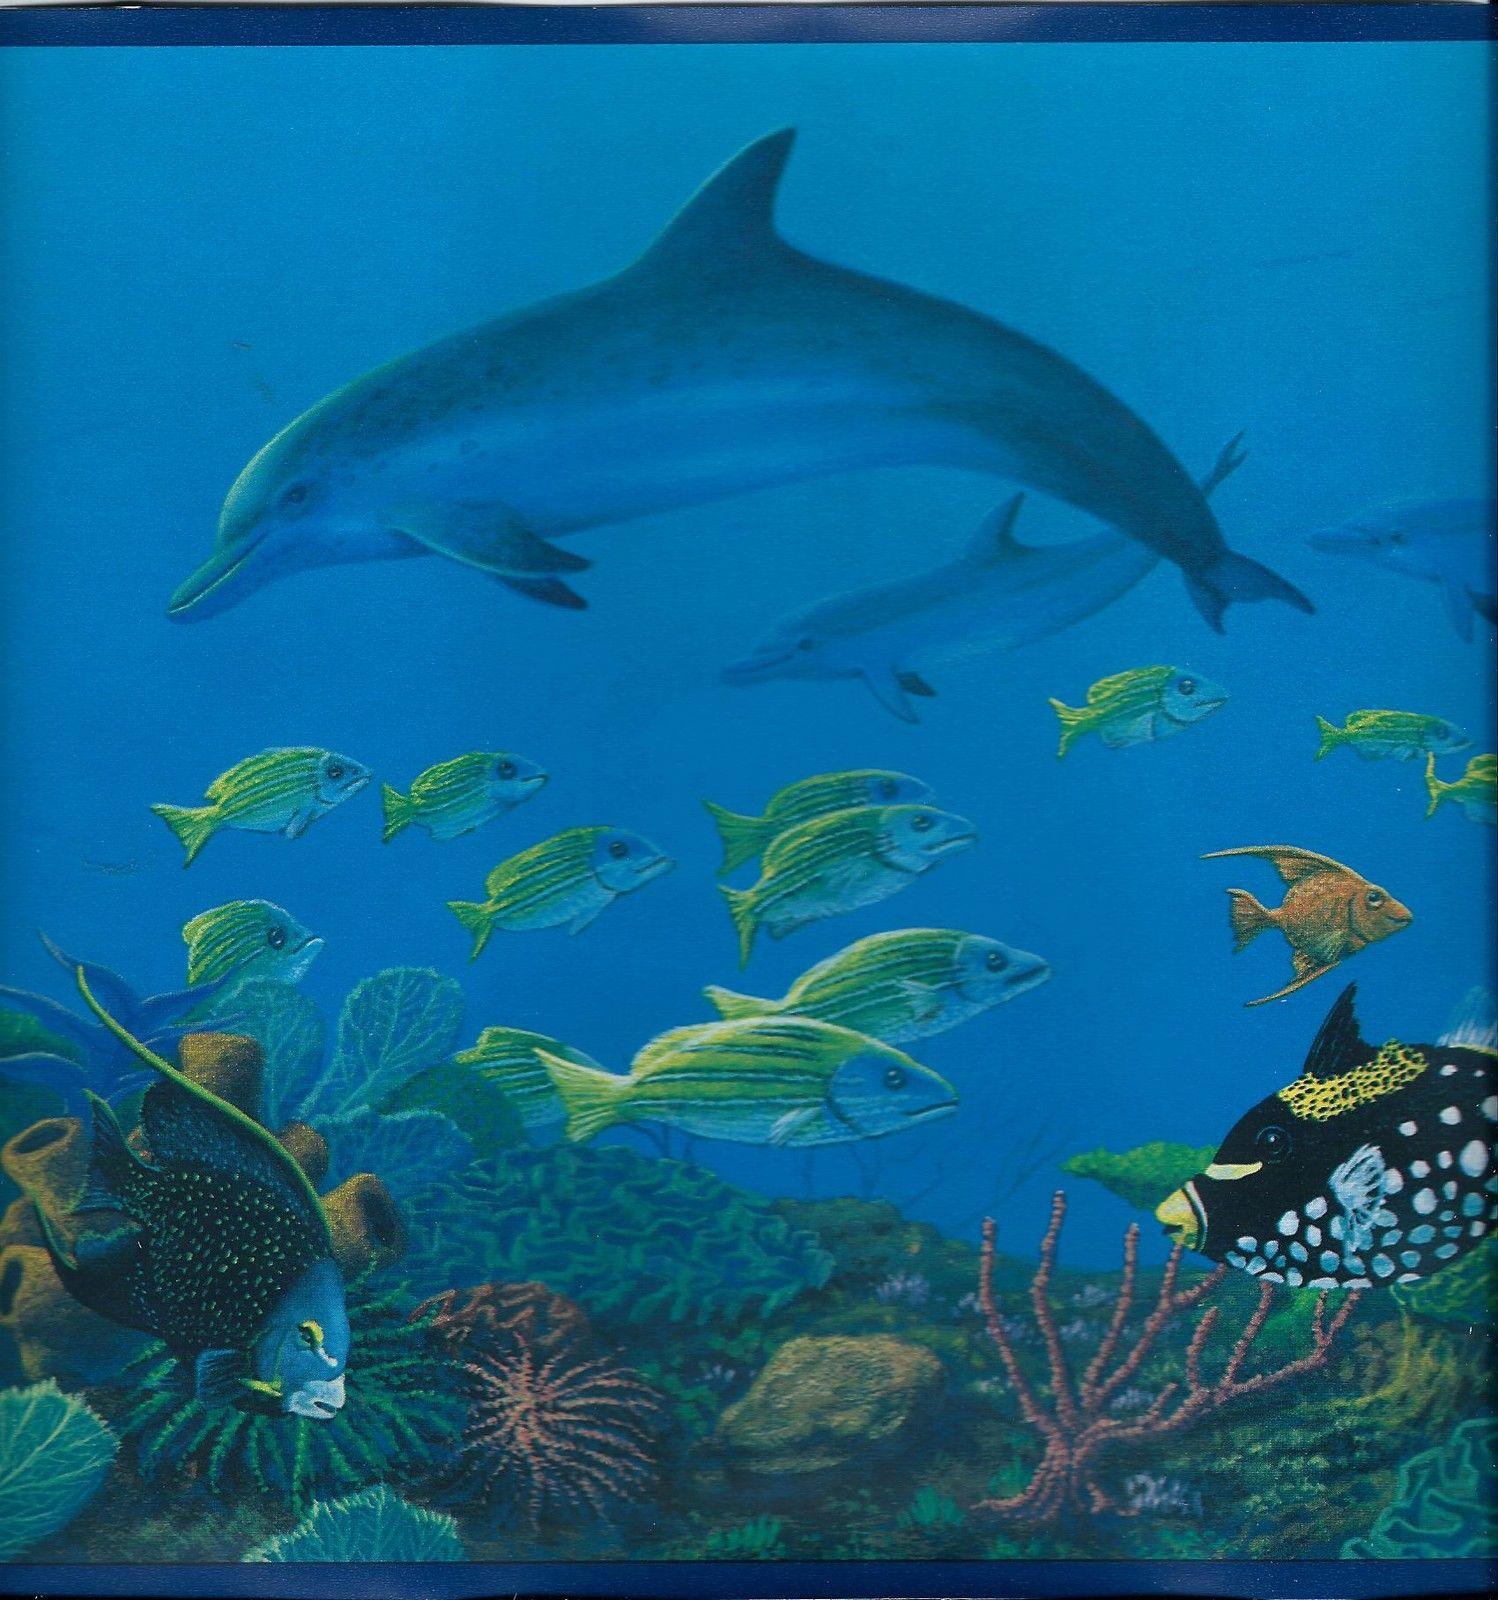 fish   Wallpaper Border Wallpaper inccom   HD Wallpapers 1498x1600